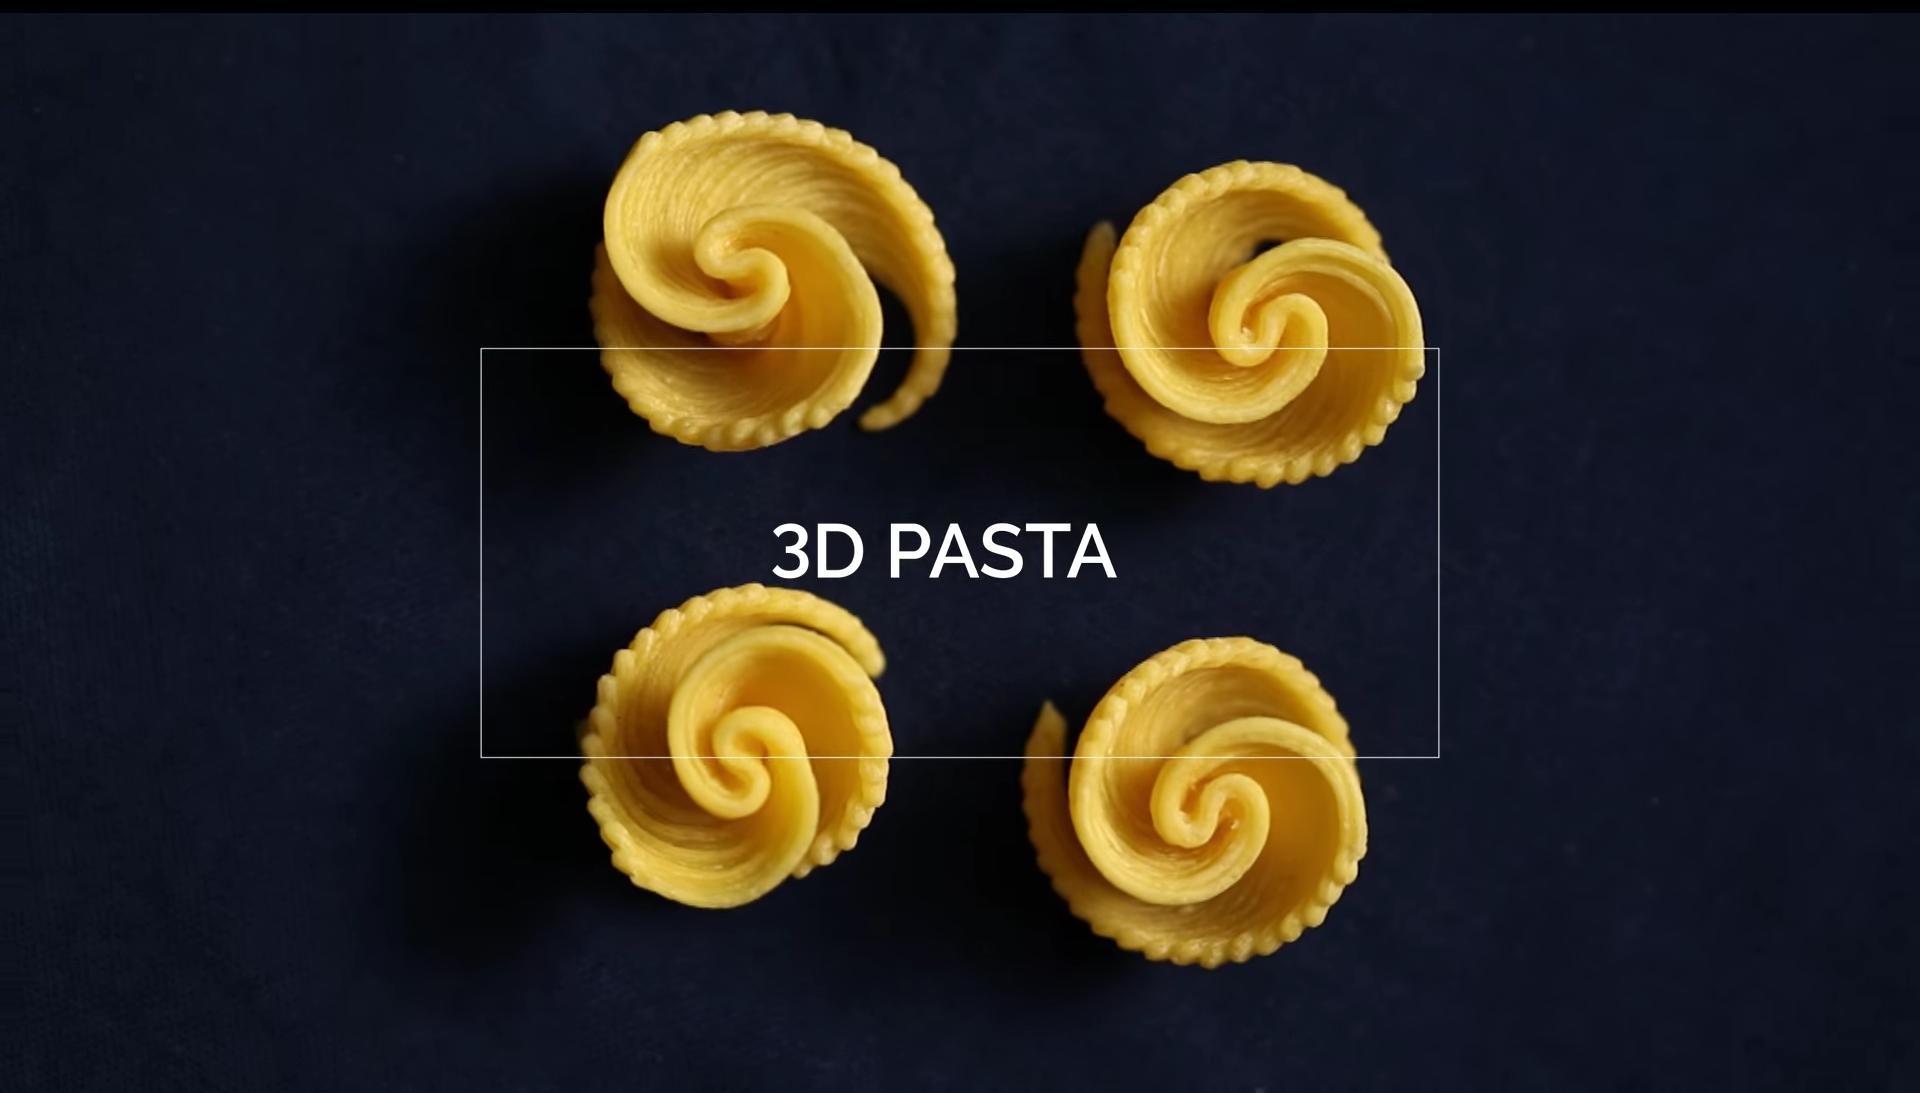 イタリアのパスタメーカーが第二回3Dプリントパスタデザインコンテストを実施